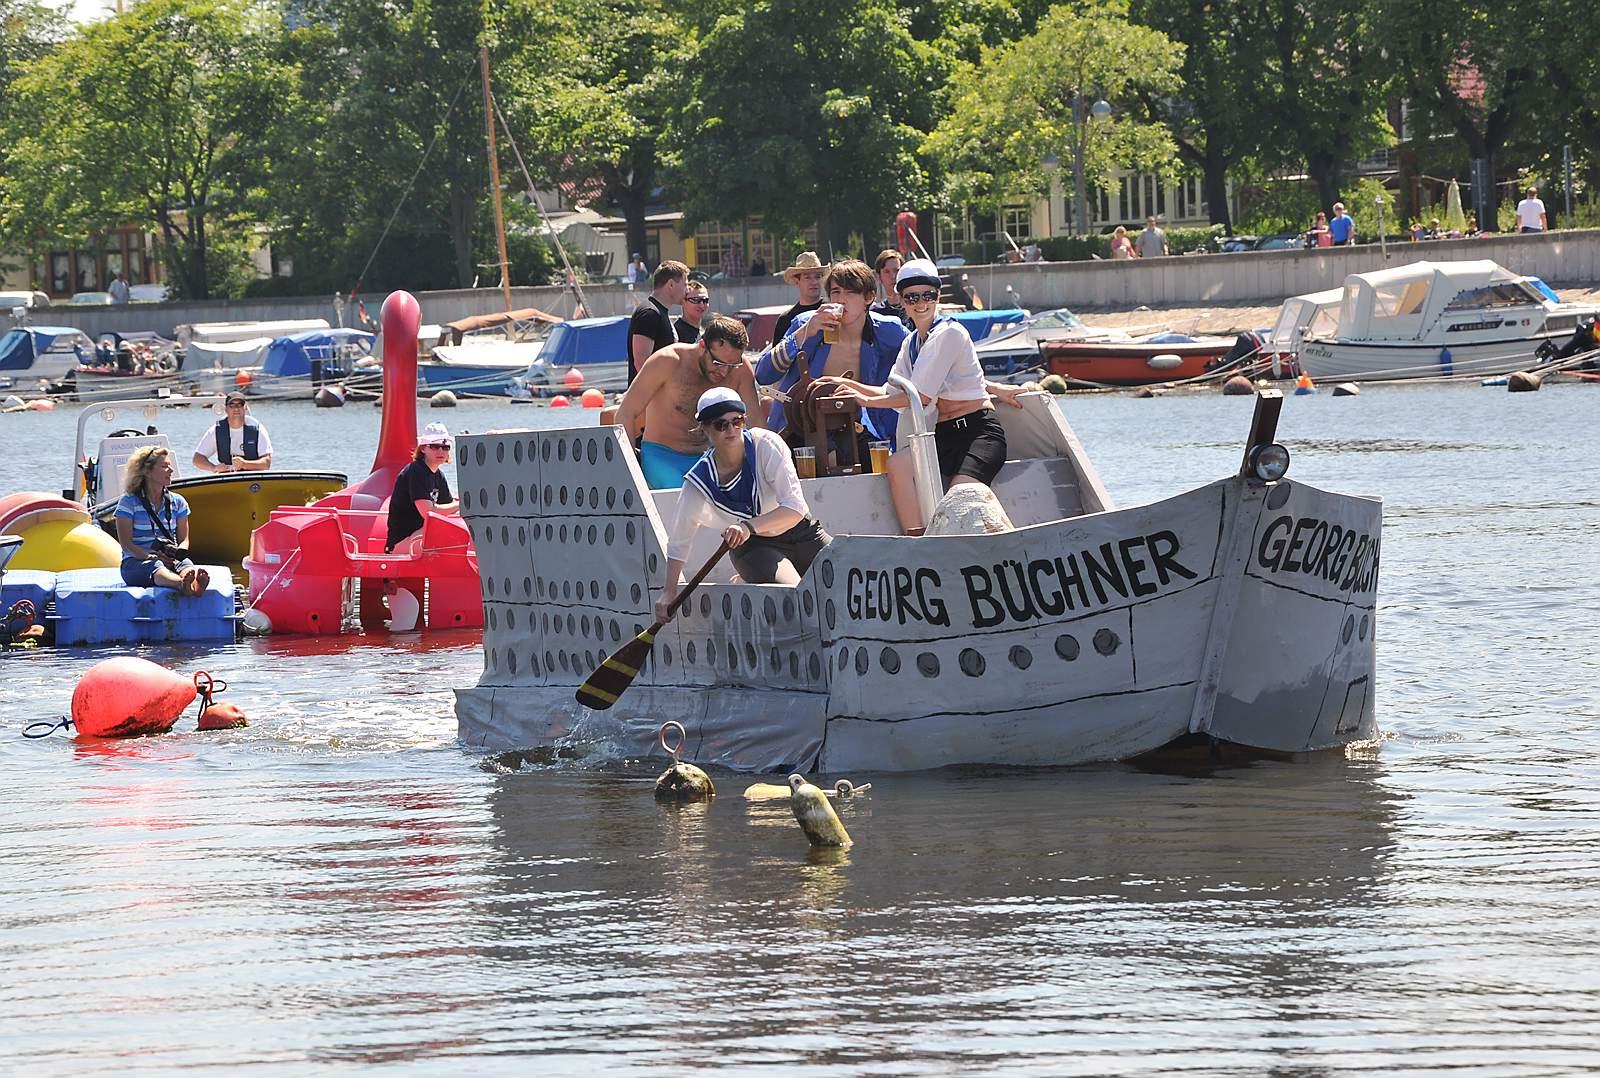 Waschzuberrennen auf dem Alten Strom in Warnemünde. Foto: Joachim Kloock